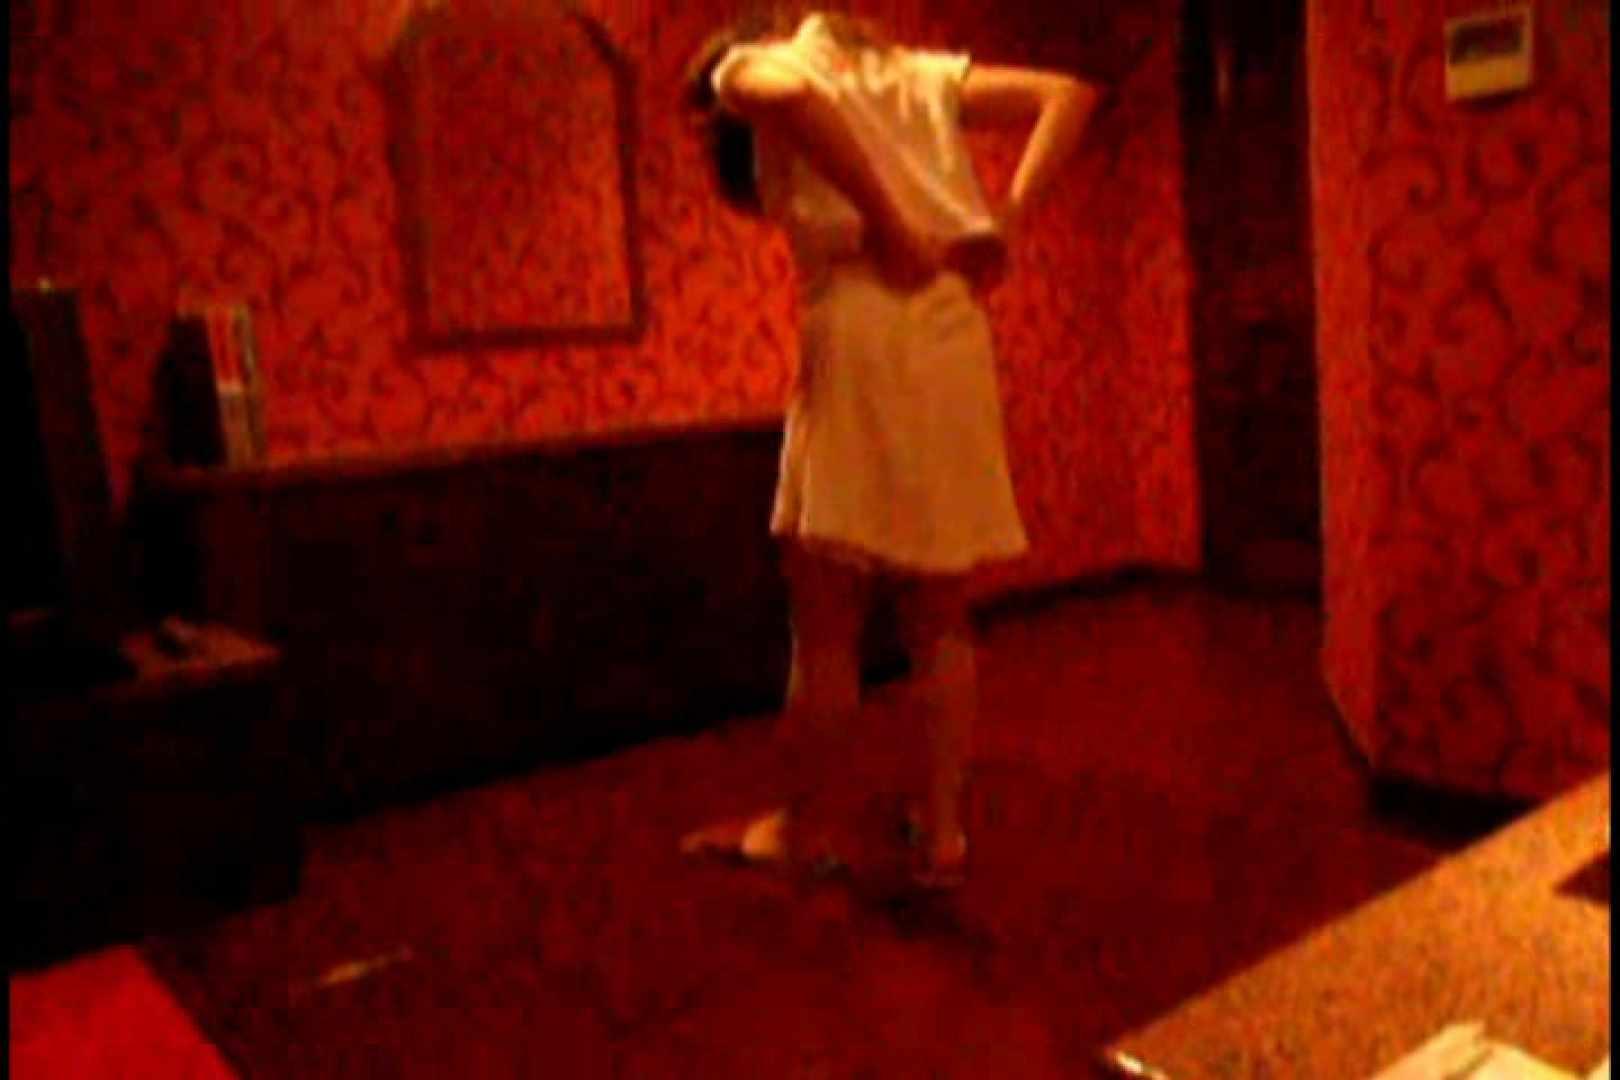 某掲示板に投稿された素人女性たちVOL.9 ホテル  85連発 18